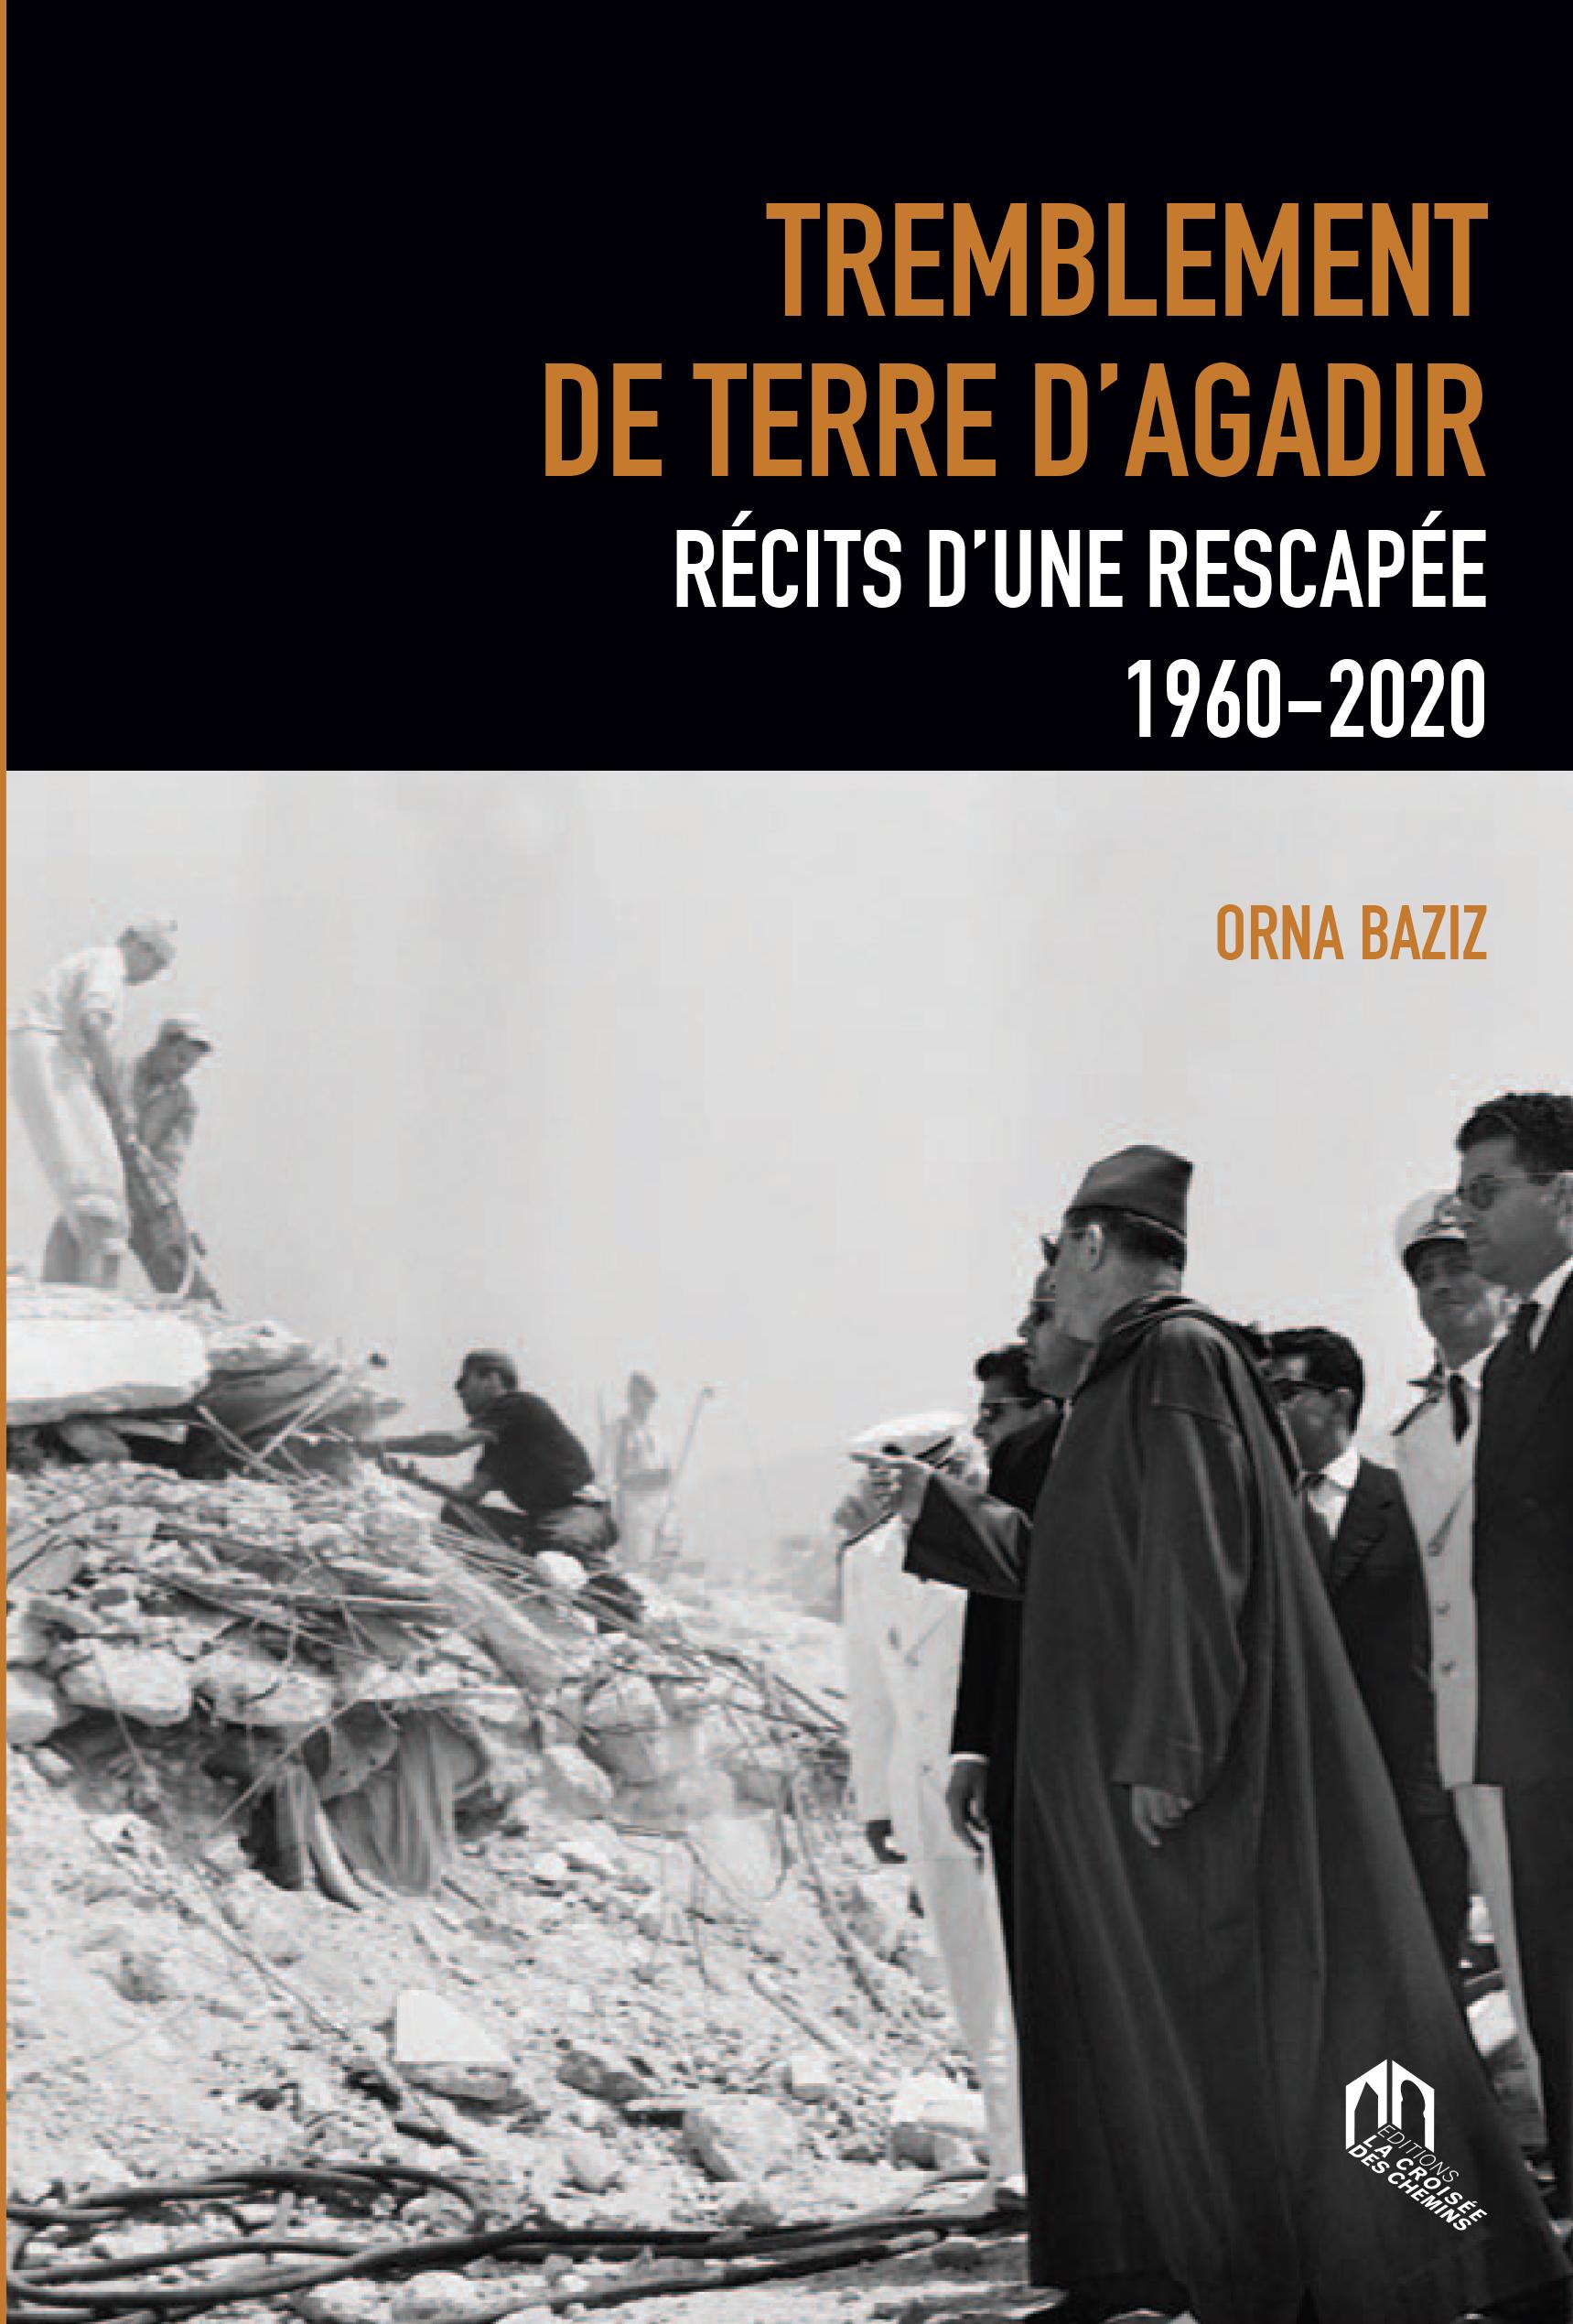 TREMBLEMENT DE TERRE À AGADIR : RÉCITS D'UNE RESCAPÉE 1960-2020 – La  Croisée des Chemins